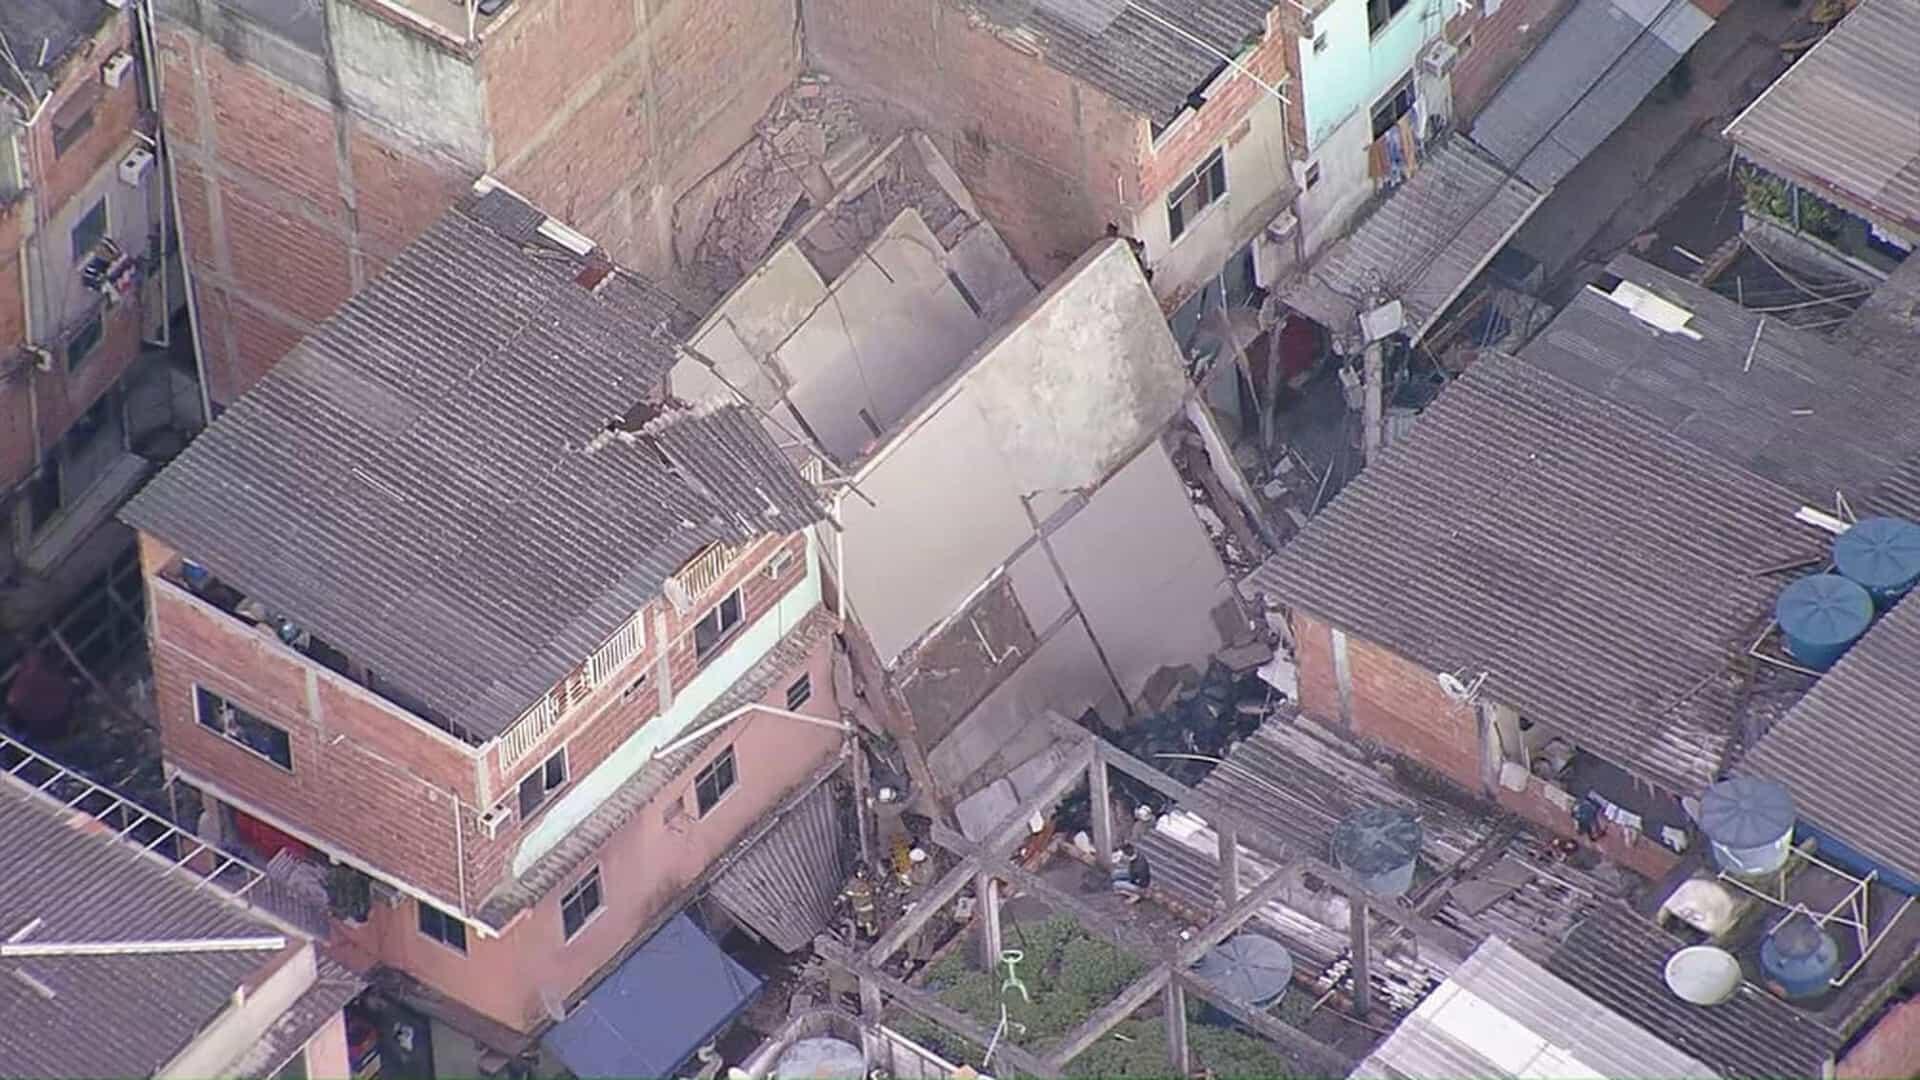 IMAGEM: Prédio que desabou em Rio das Pedras era irregular, confirma Prefeitura